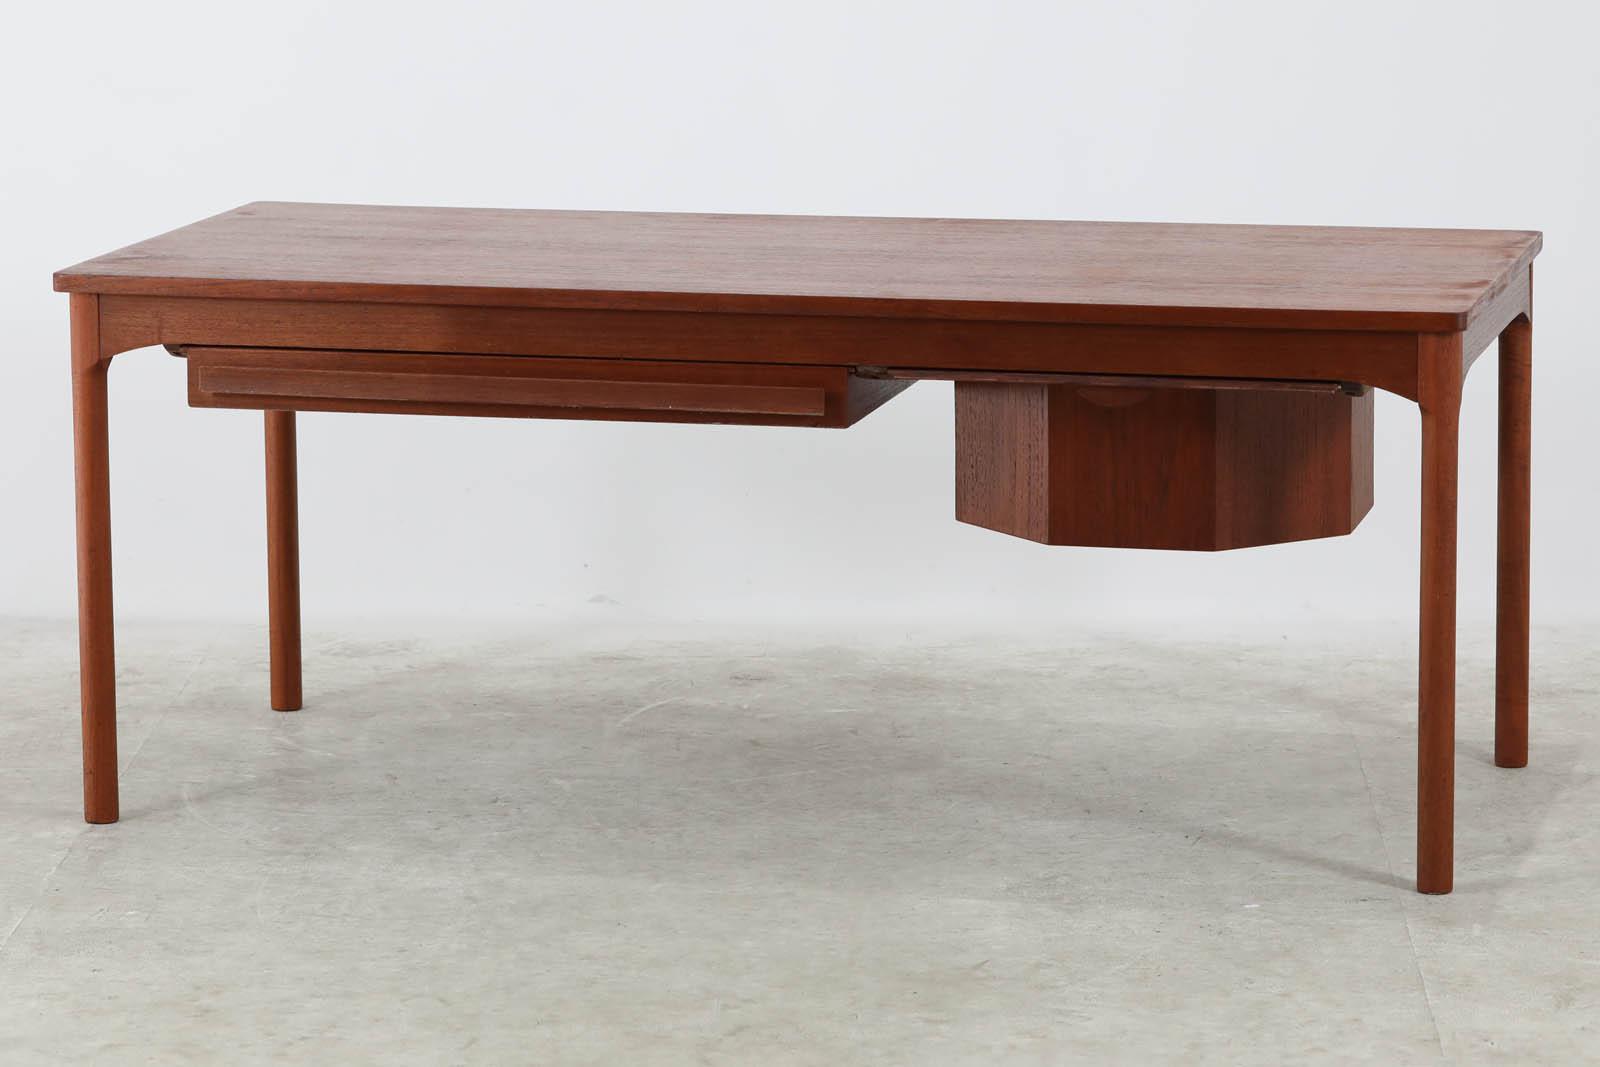 【送料無料】 デンマーク製 大きいサイズのソーイングテーブル 幅130cm チーク材 北欧ビンテージ家具【アンティーク ソファテーブル コーヒーテーブル おしゃれ】